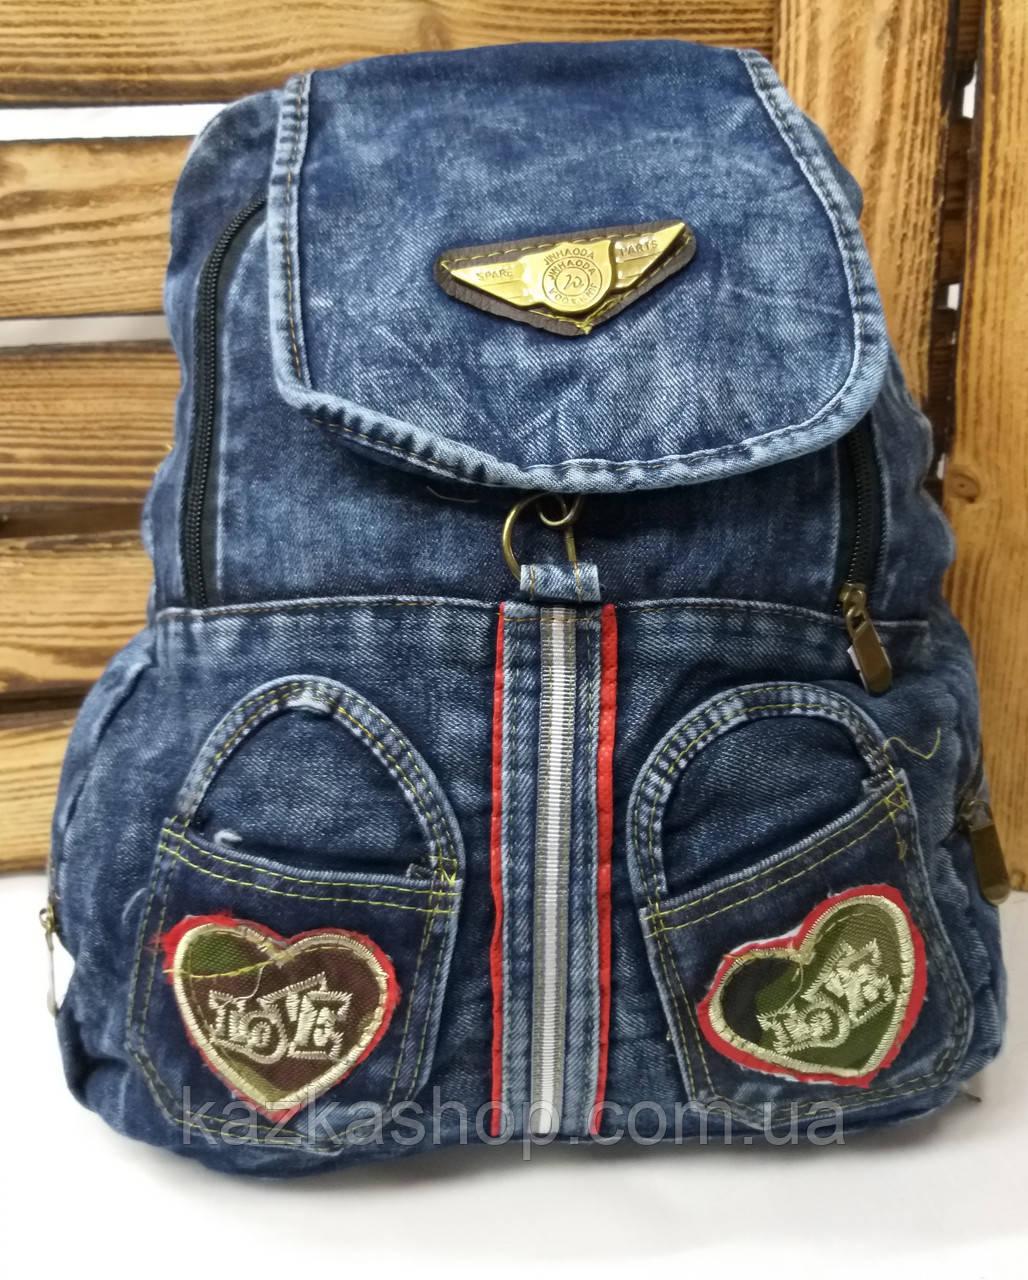 Прогулочный джинсовый женский рюкзак без подклада, на 3 отдела